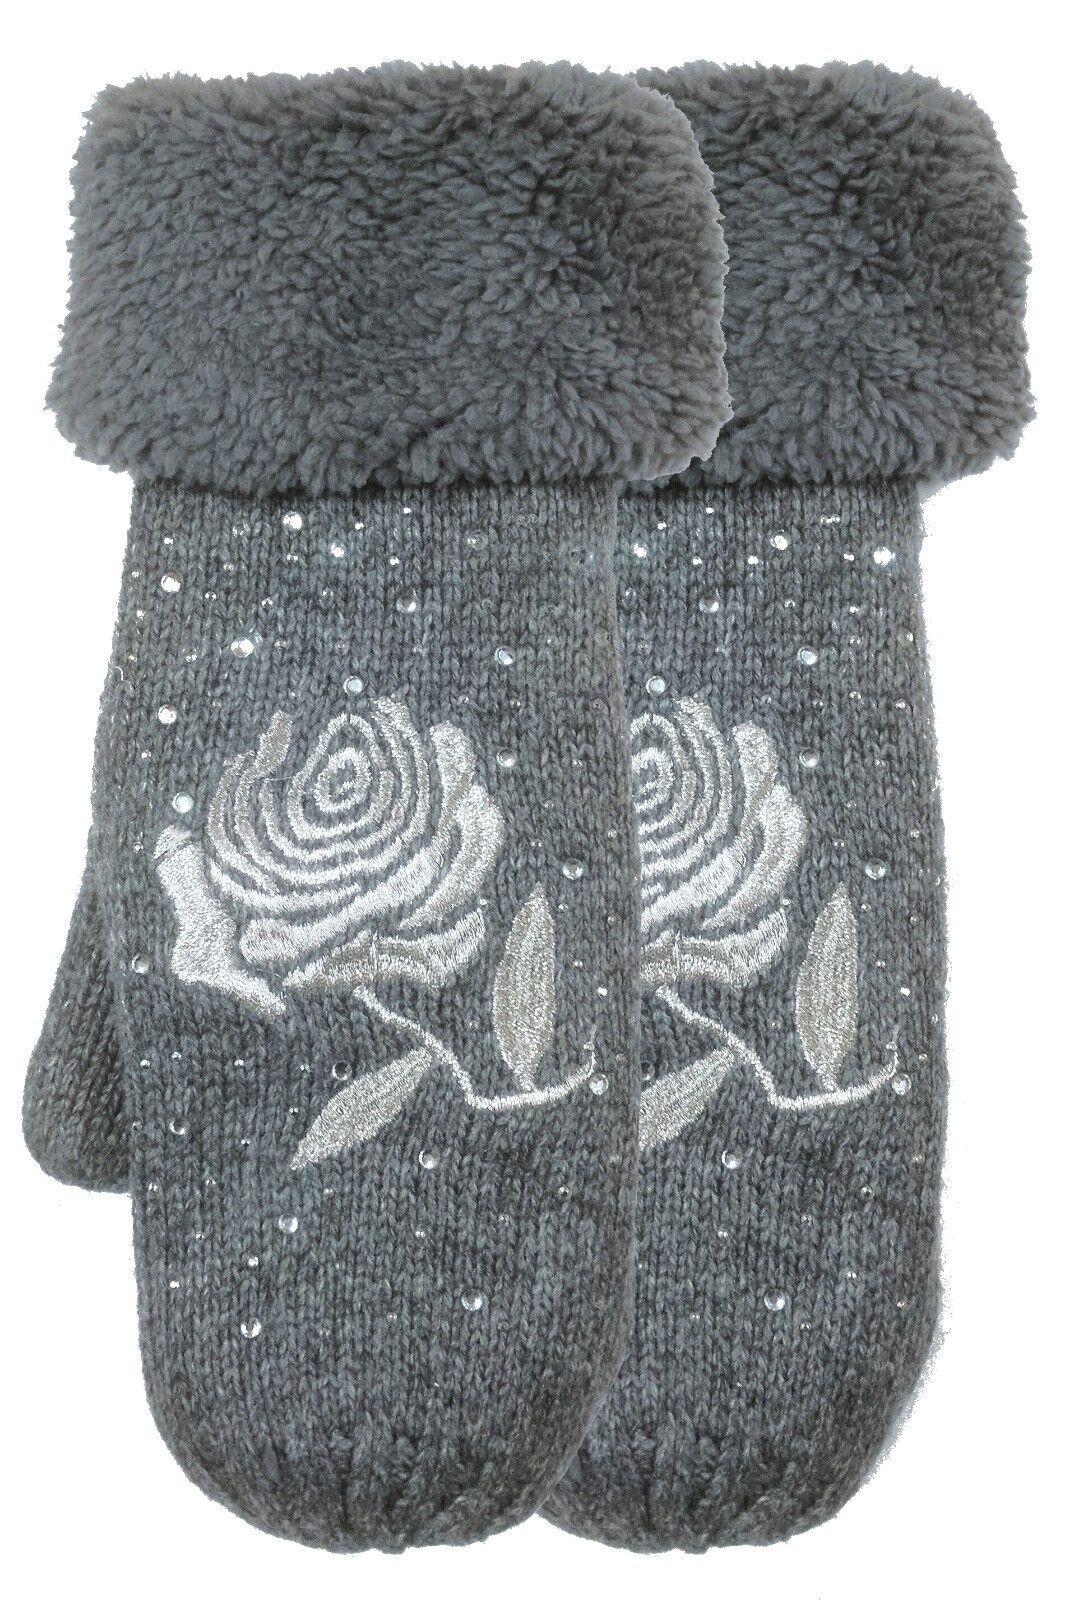 HANDSCHUHE - Fäustlinge für Damen EXTRA WARM mit Plüschfutter Winterhandschuhe